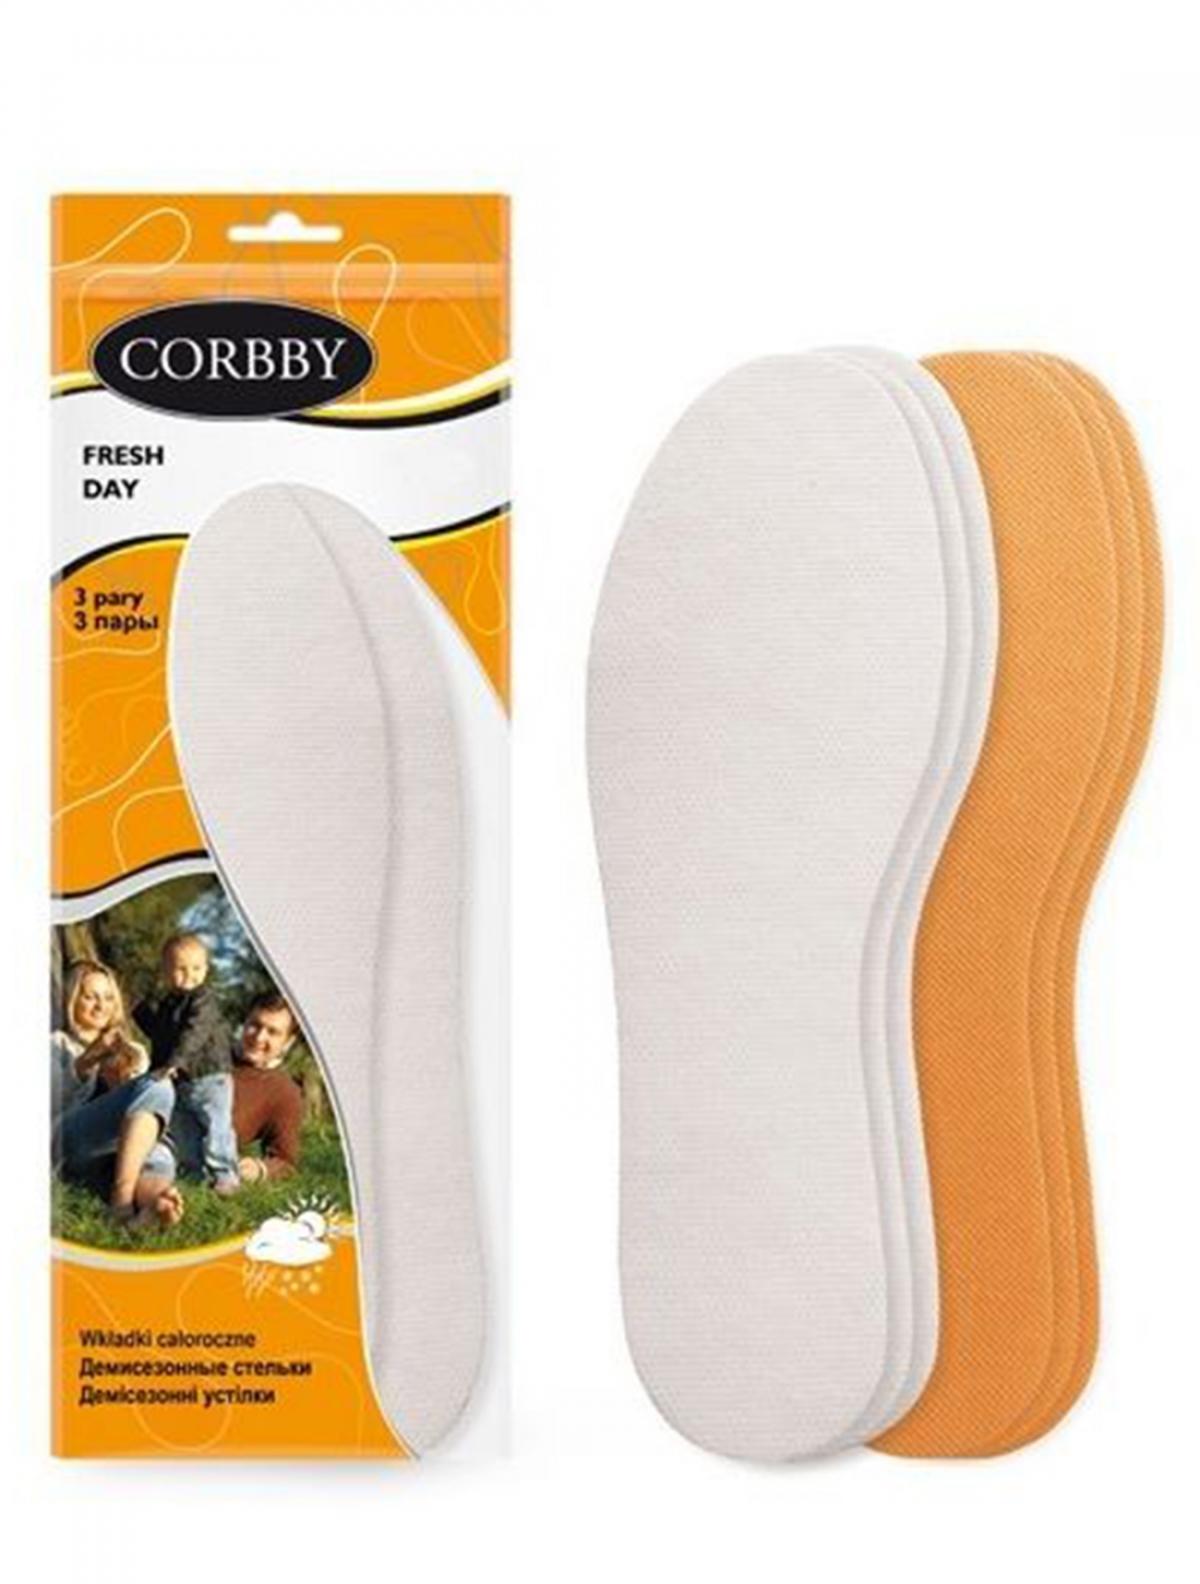 Corbby 1866C стельки демисезонные